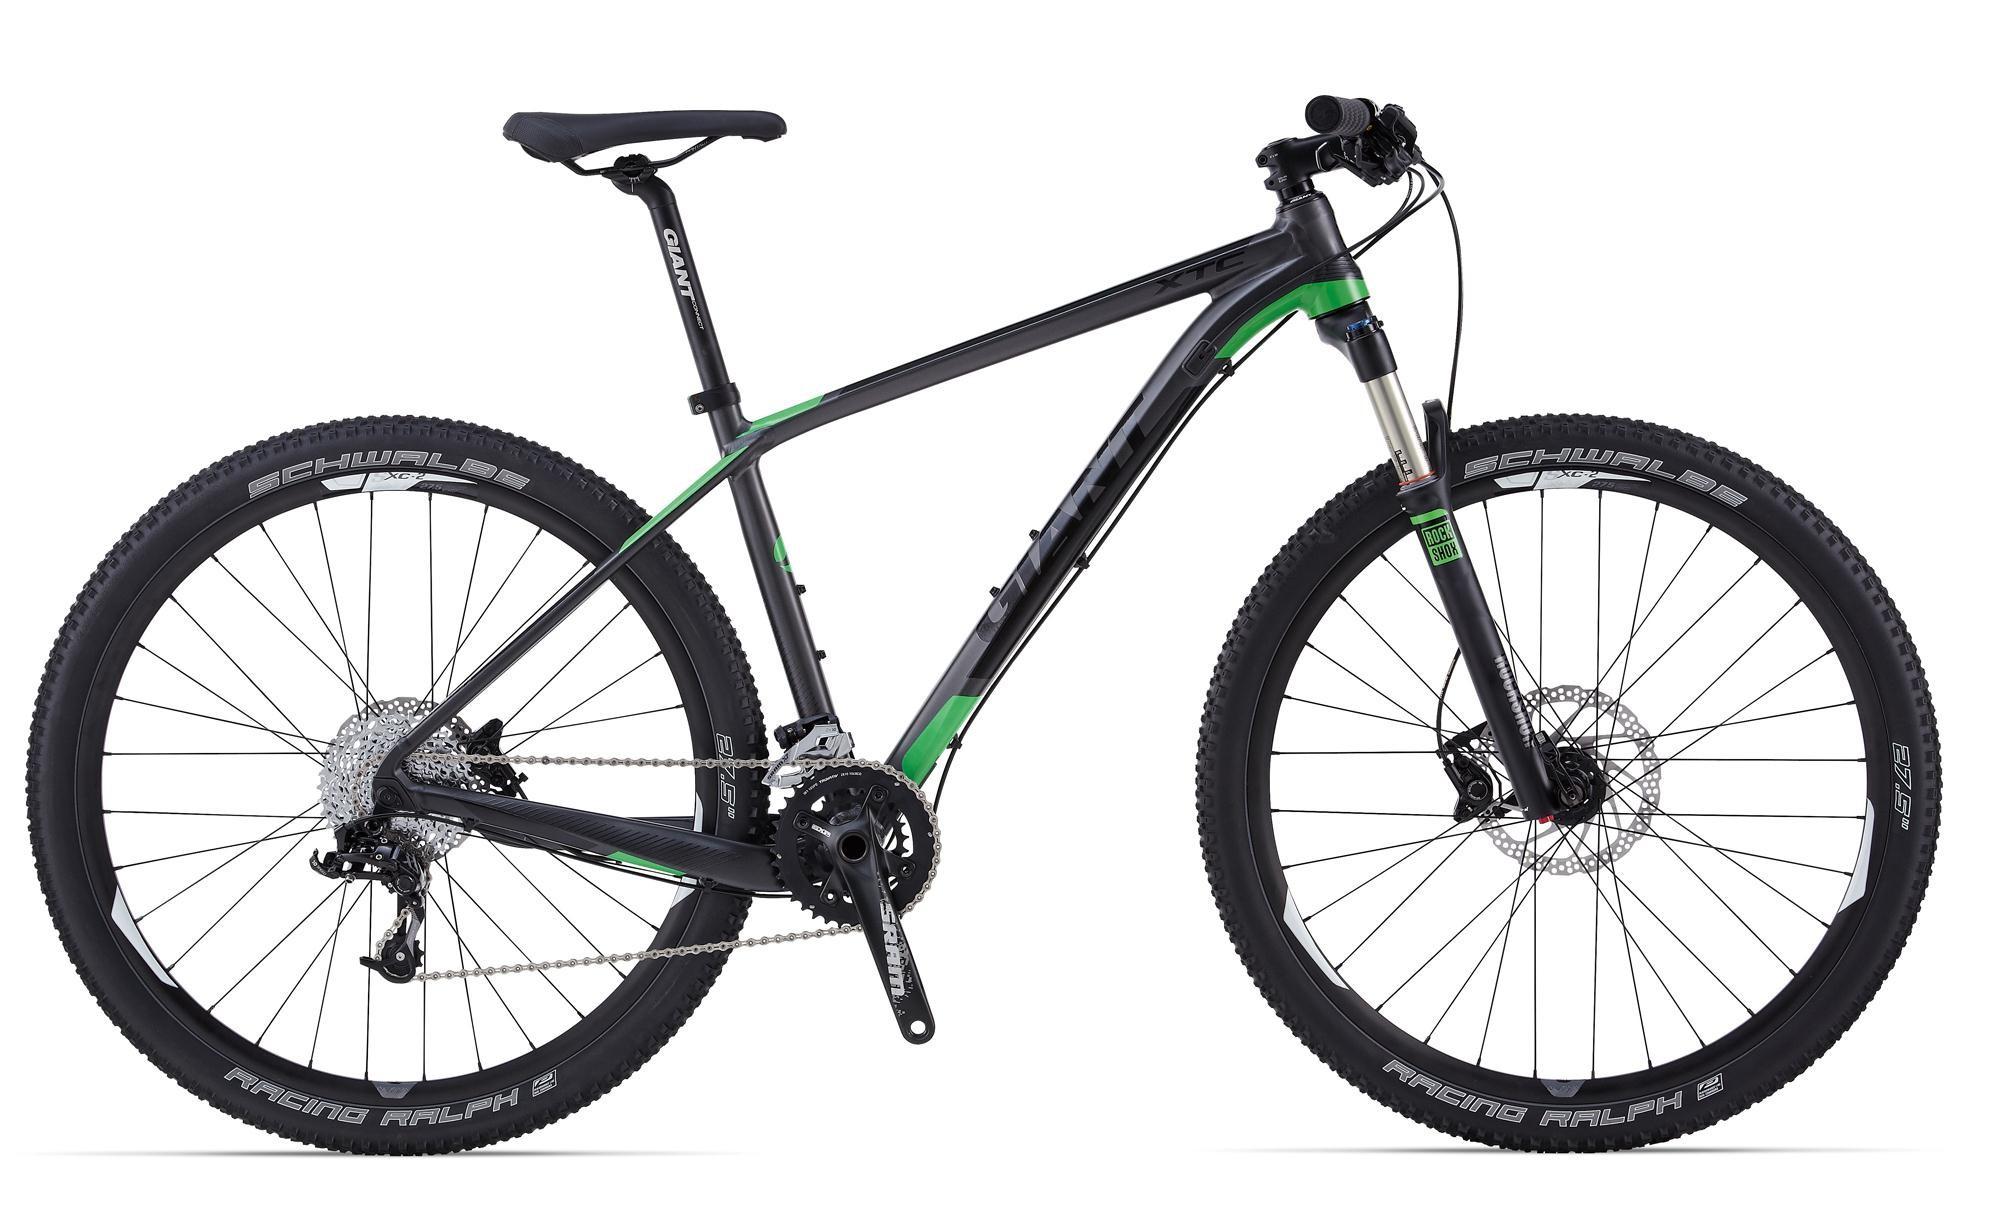 Giant XTC 27.5 1 (2014)Горные<br>Линейка Giant XTC 27.5 2014 создавалась, в общей сумме, больше 10 лет. 10 лет инноваций, прогресса, тестов и движения. И вот перед вами одни из самых технически адаптированных в мире велосипедов для кросс-кантри !<br>Giant XTC 27.5 1 Team (2014) – вторая модель в линейке, но это не значит, что у нее меньше функционала.<br>Навеска от Shimano и Sram. Трансмиссия уровня Sram X7-X9 – одно из лучших решений для велосипедов такого класса. Надежная, безотказная работа переключателя Sram X9 проверена уже не одним поколением велосипедистов.<br>Тормоза уровня Shimano Deore– это лучший гарант безотказной работы в любых условиях. Стоит отметить, что тормоза с системой ServoWave уменьшают риск закипания до минимума, а так же повышают уровень контроля тормозного усилия.<br>Вилка RockShox Reba RL 27.5 – обладает отличными характеристиками работы, легка в обслуживании и может быть модернизирована.<br>Элегантный, быстрый и надежный велосипед для настоящего кросс-кантри.<br>